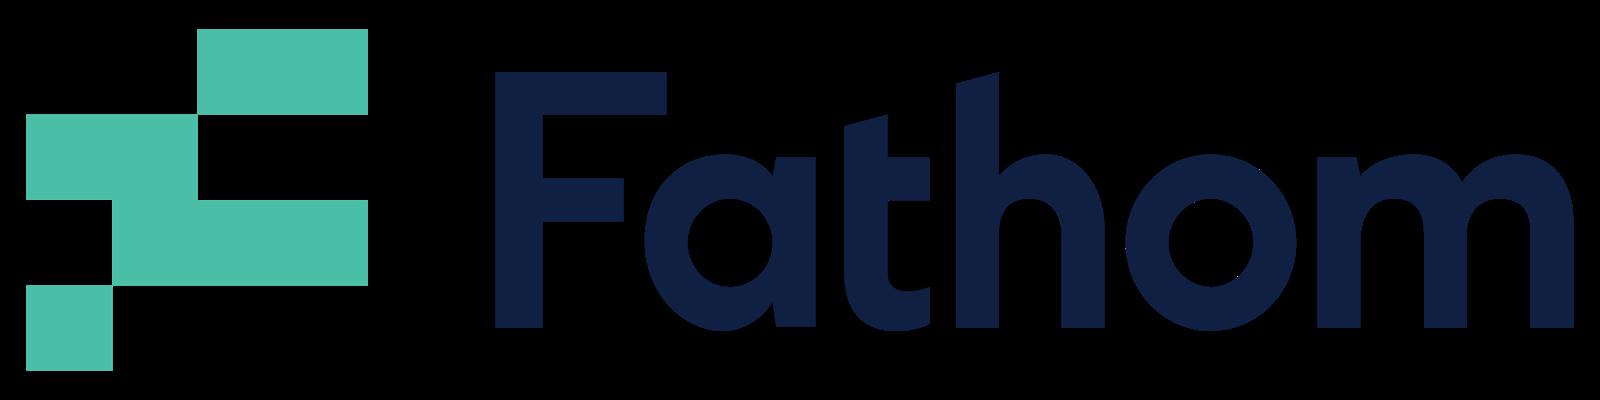 Fathoms